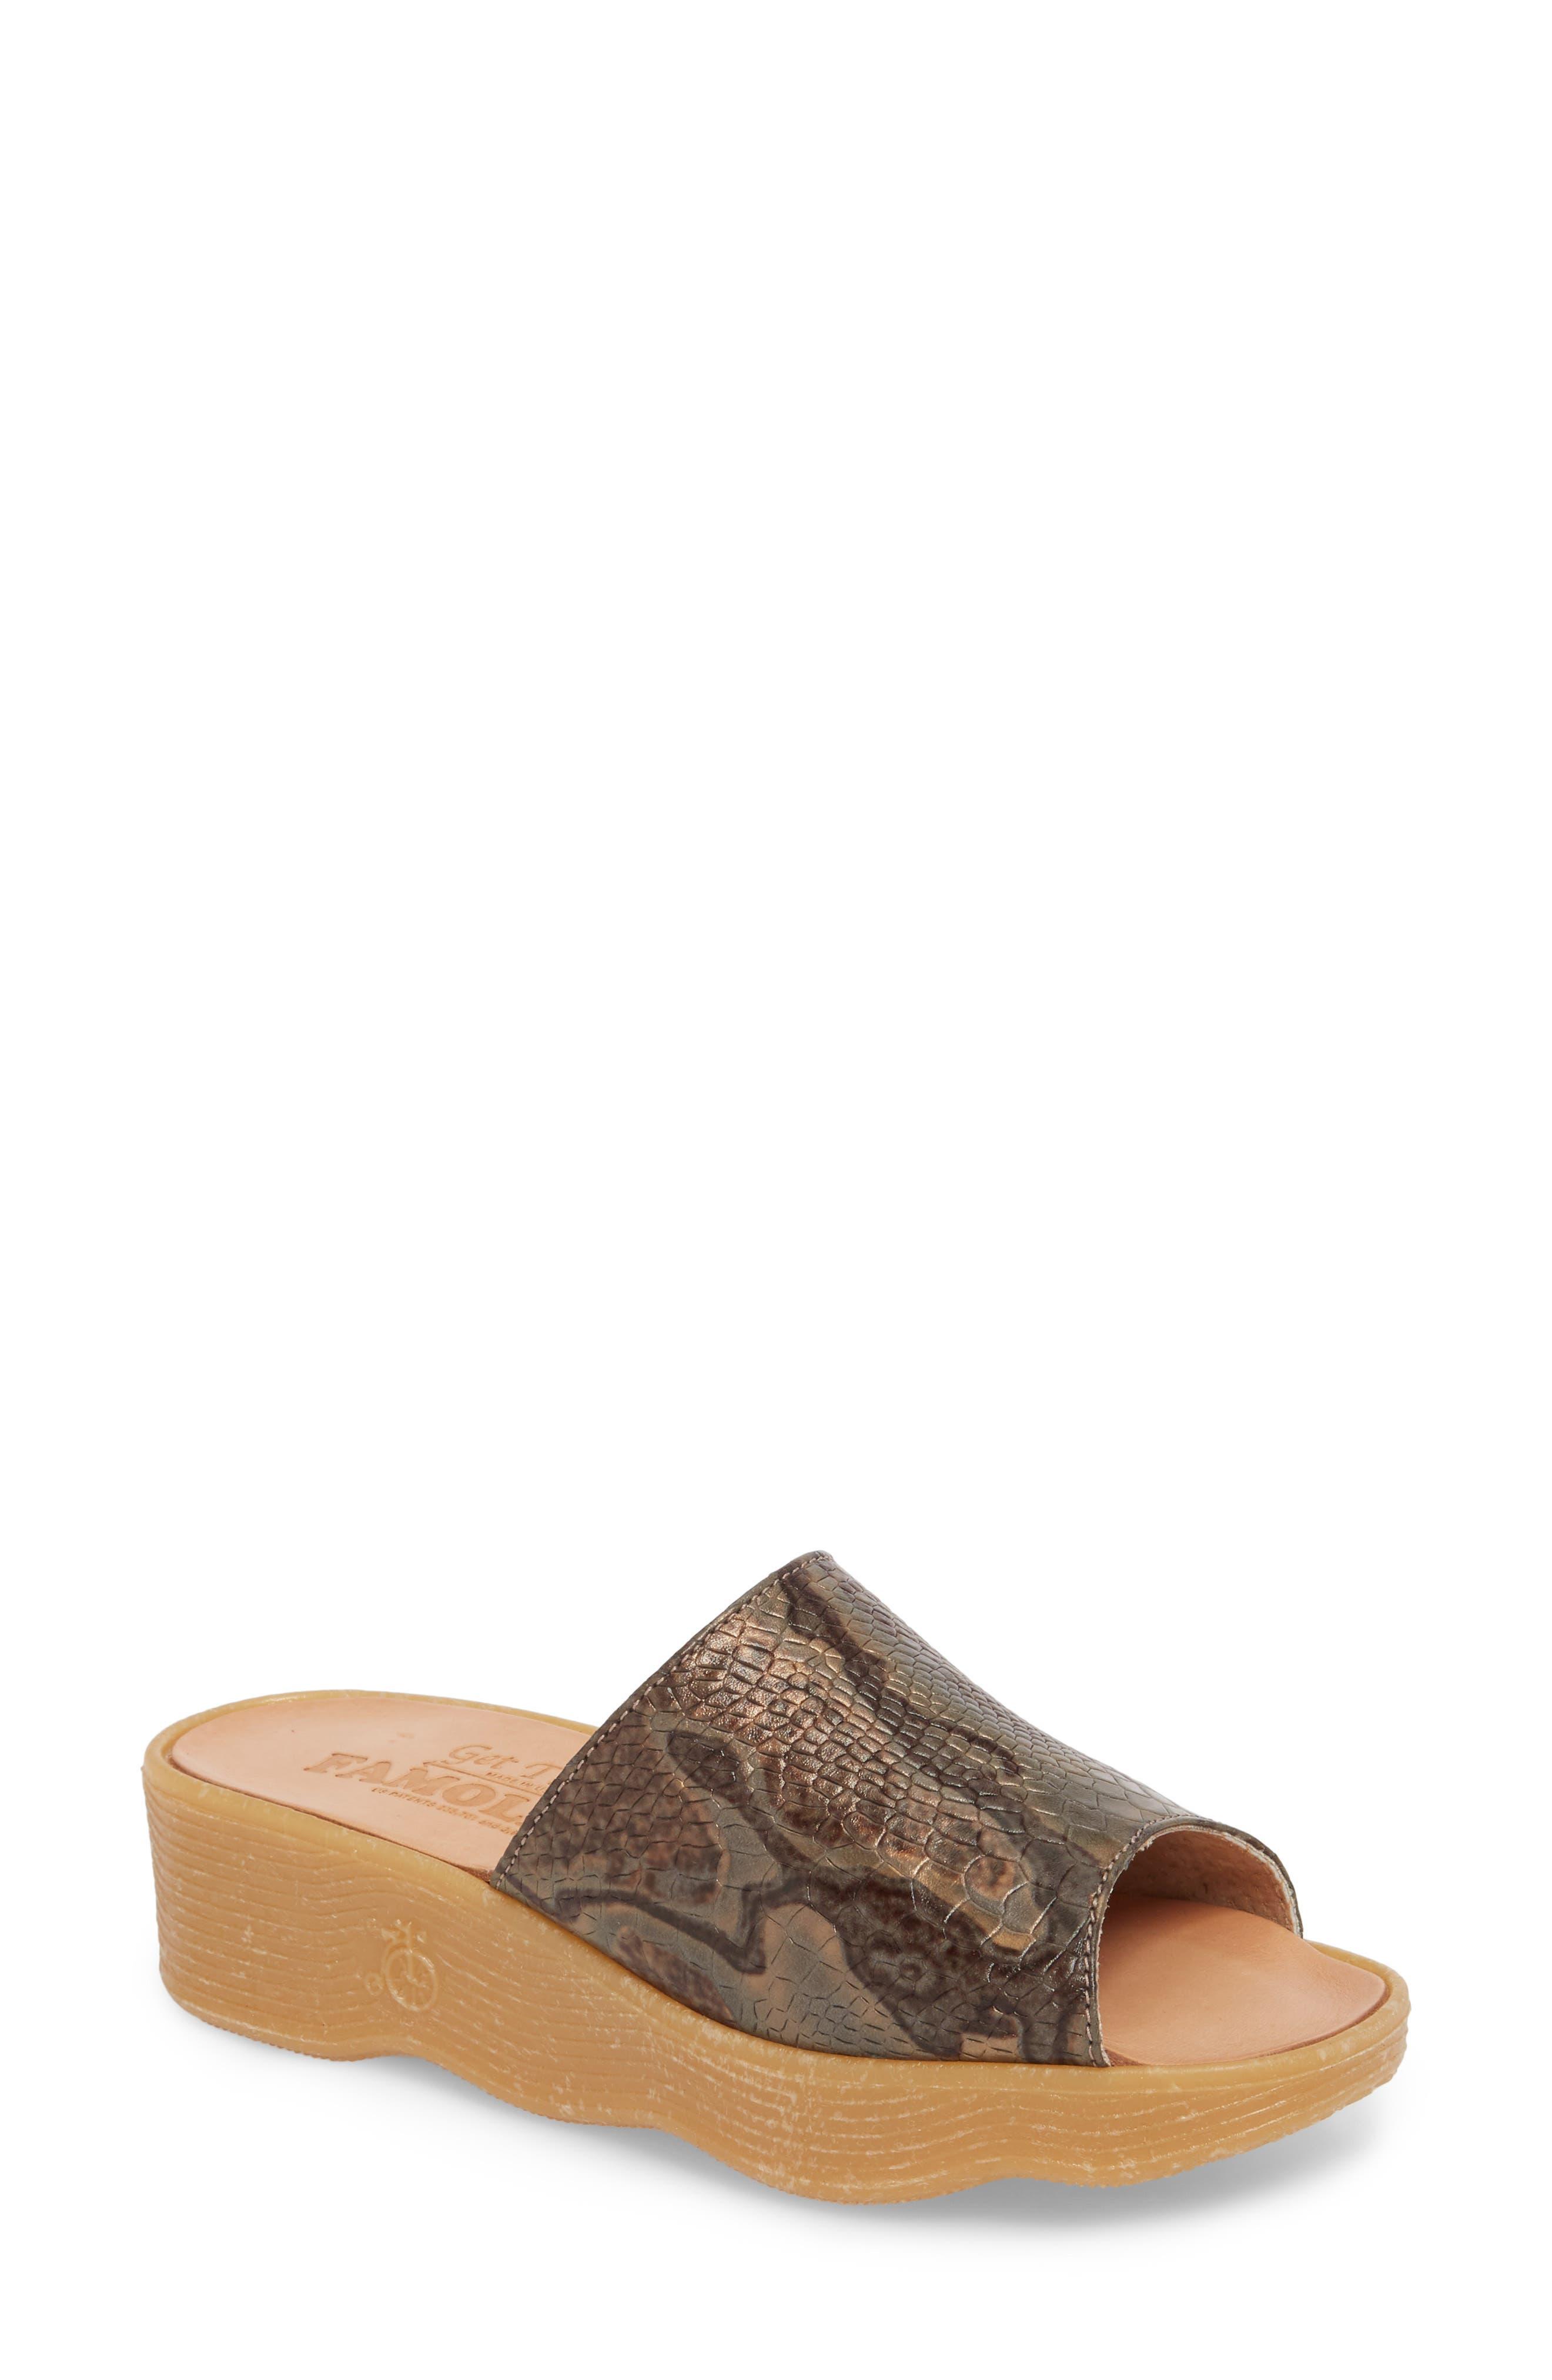 Slide N Sleek Wedge Slide Sandal,                             Main thumbnail 1, color,                             Snake Leather